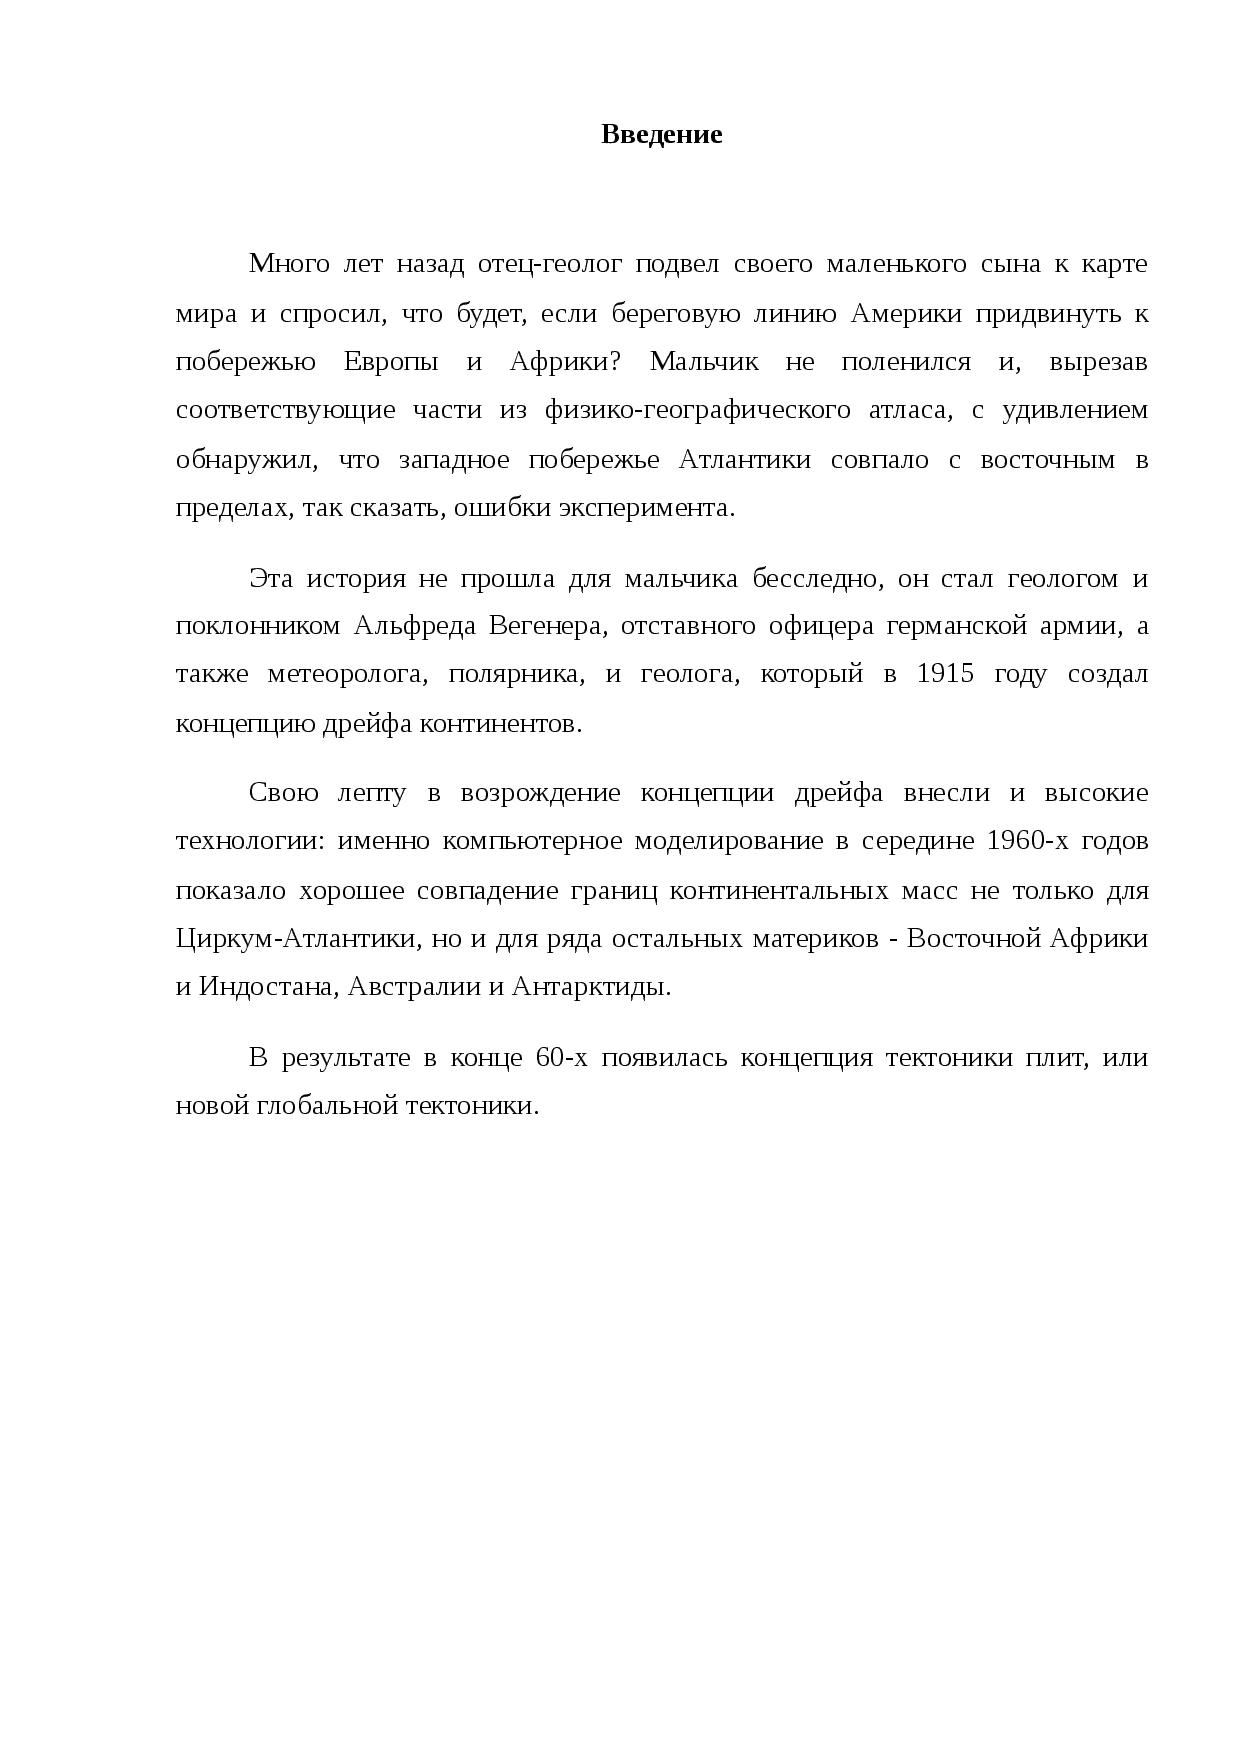 Литосфера. строение литосферы. факторы рельефообразования / справочник :: бингоскул